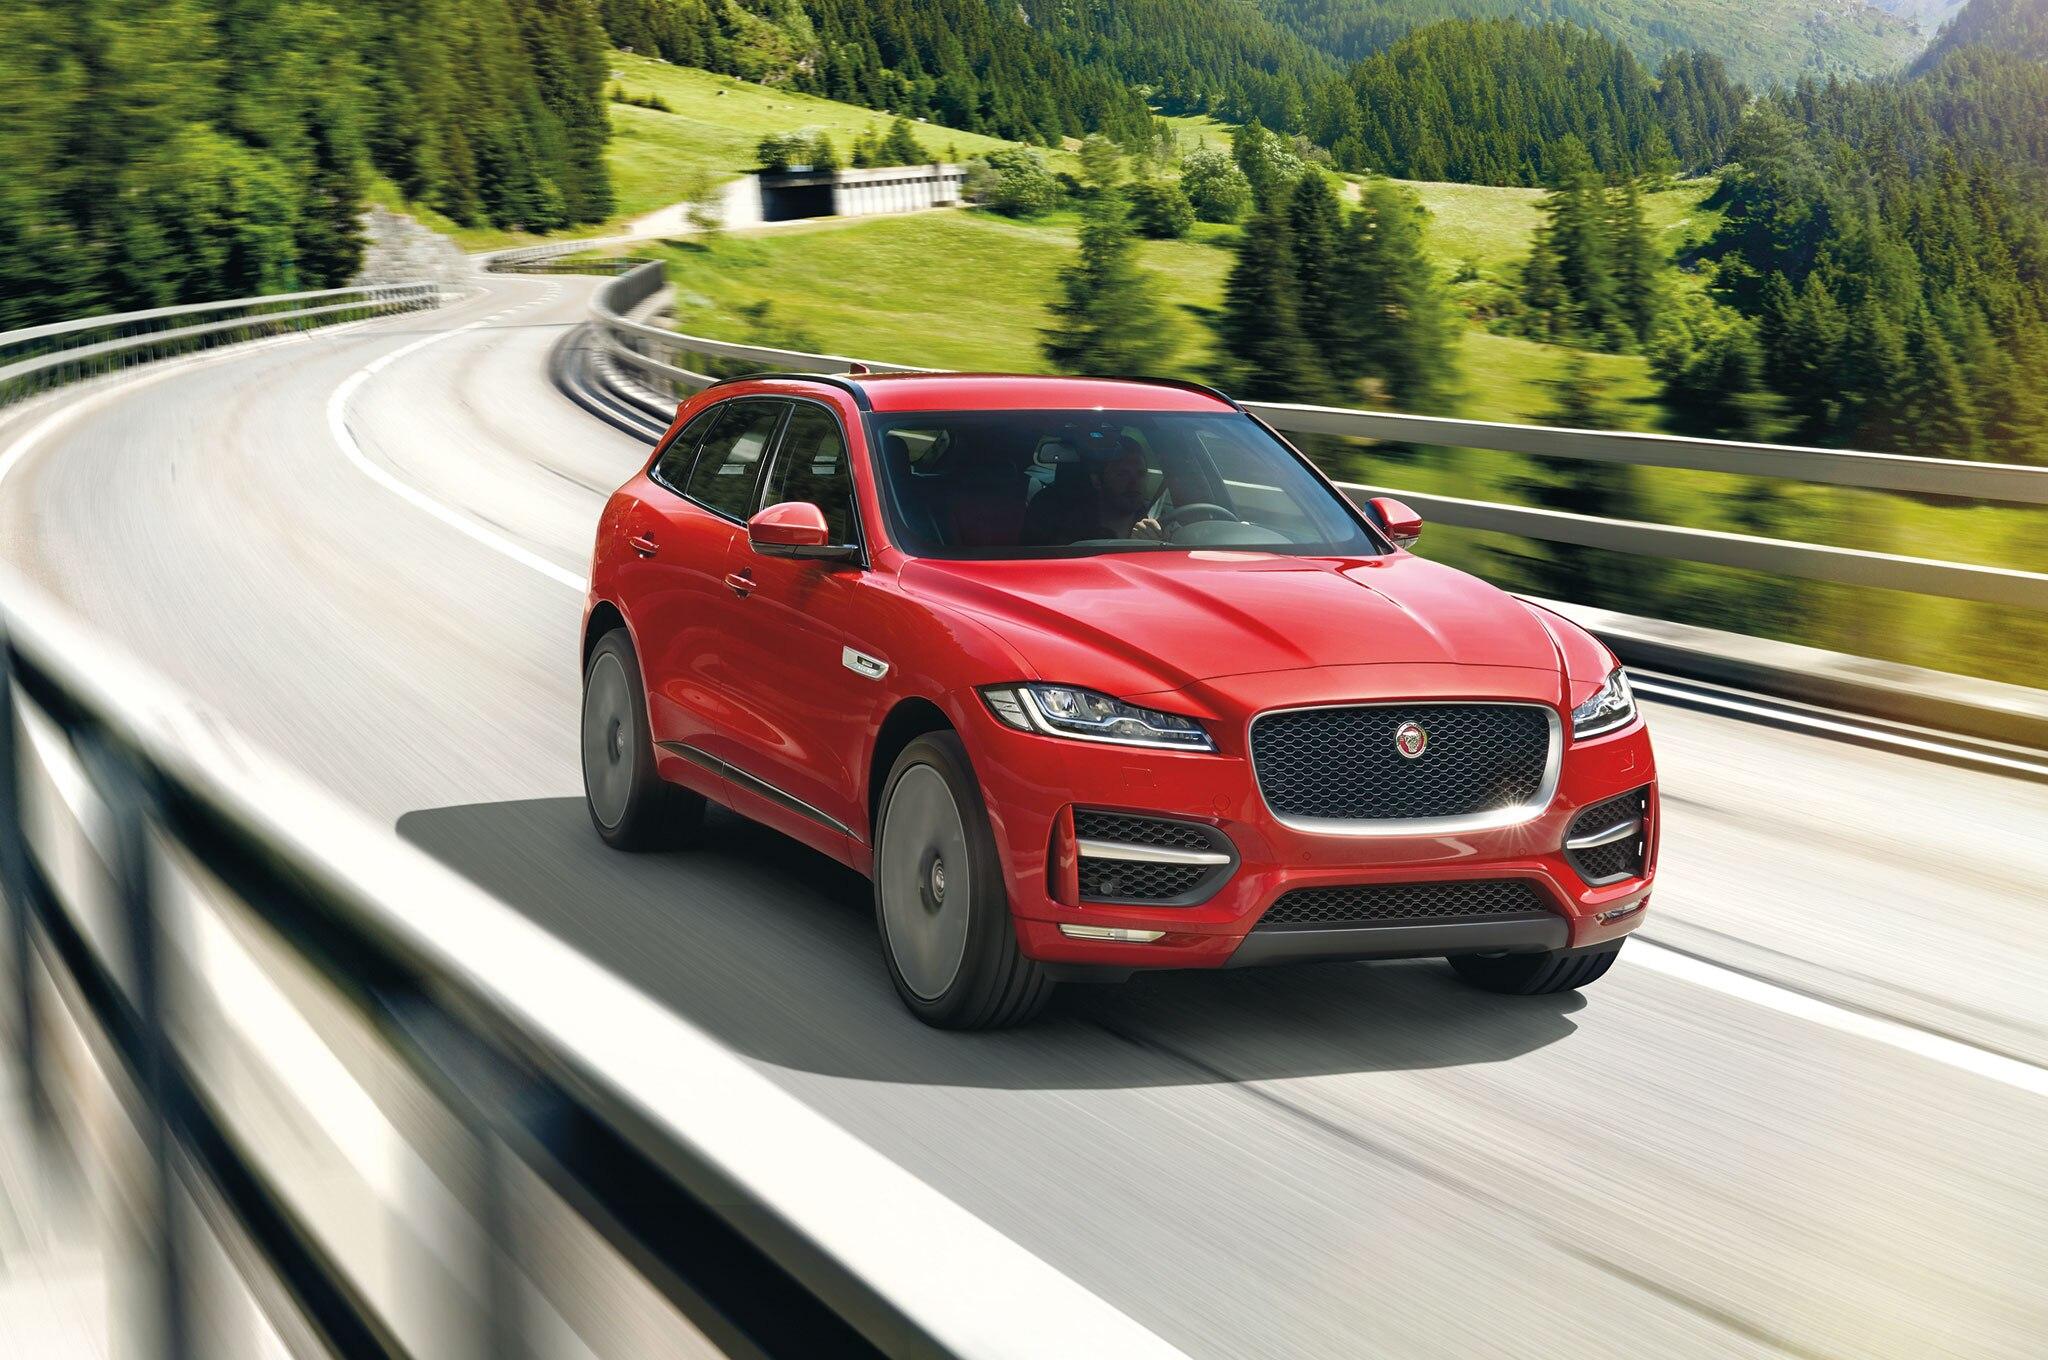 Elegant 2017 Jaguar FPace Review